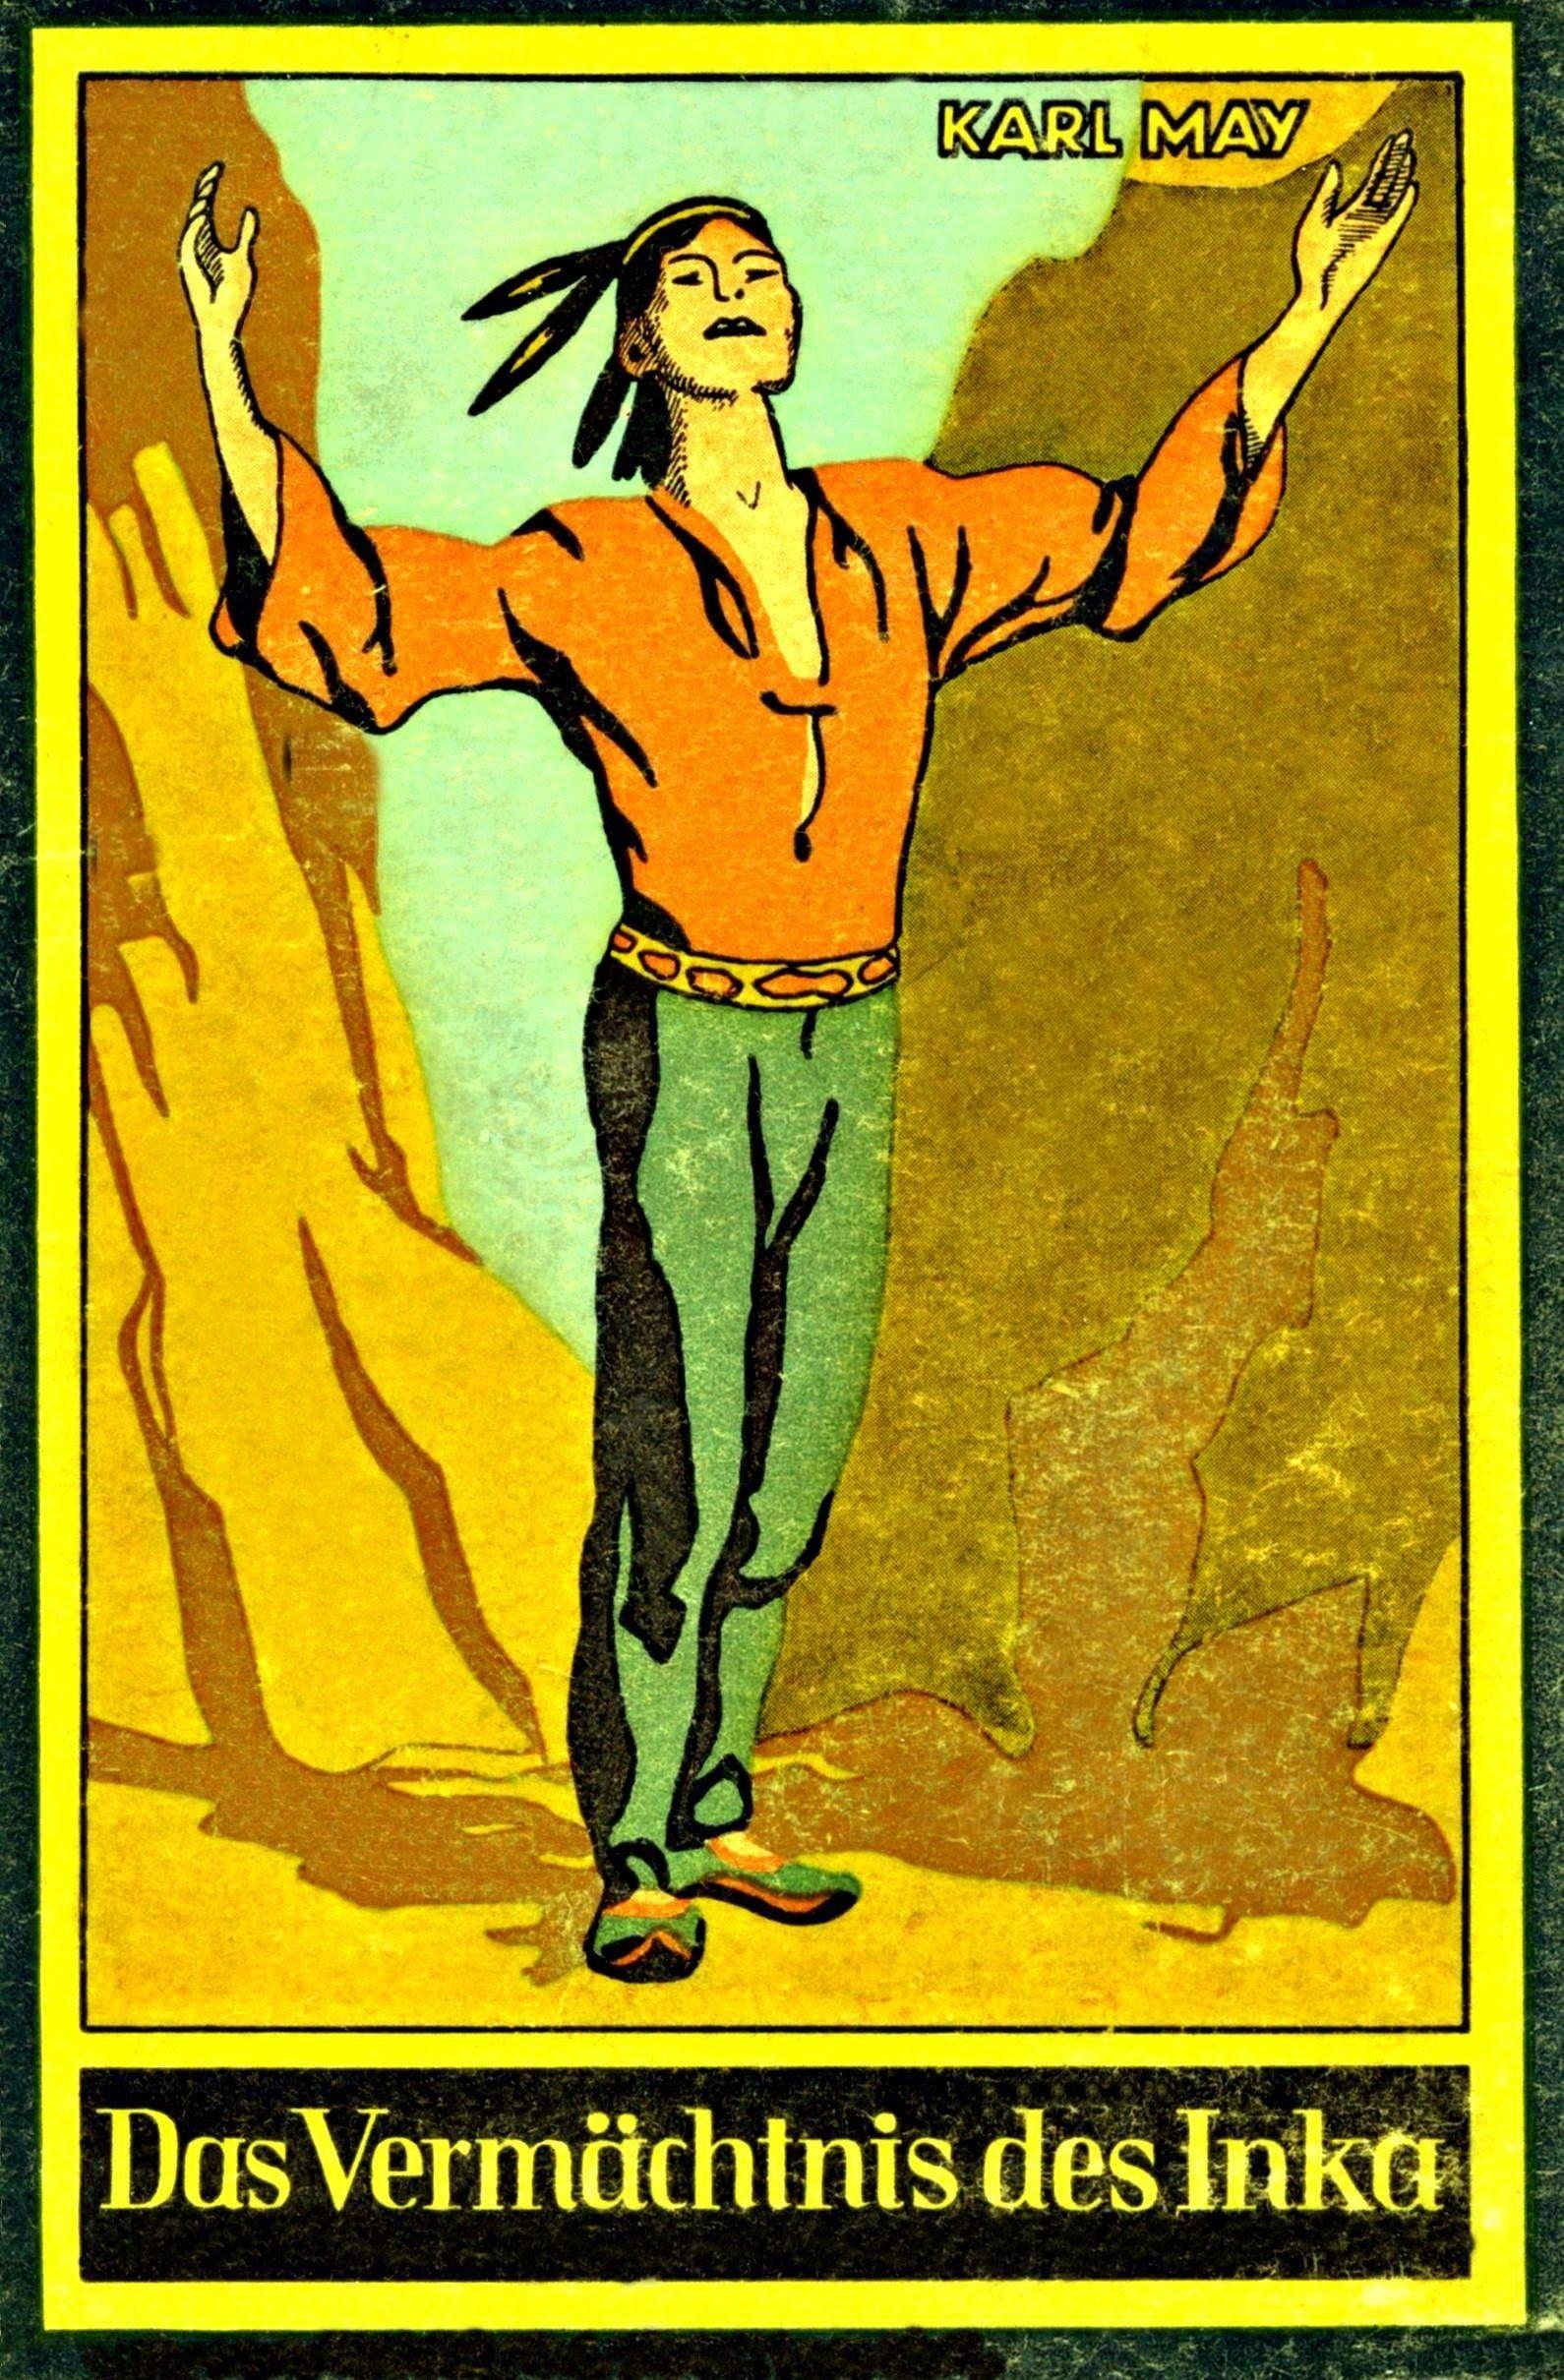 Gw 39 Das Vermachtnis Des Inka 1913 Auflagen O Tsd 280 289 1948 Globus Verlagsgesellschaft Hamburg Pappband Im Oktavformat Inka Bamberg Urheber